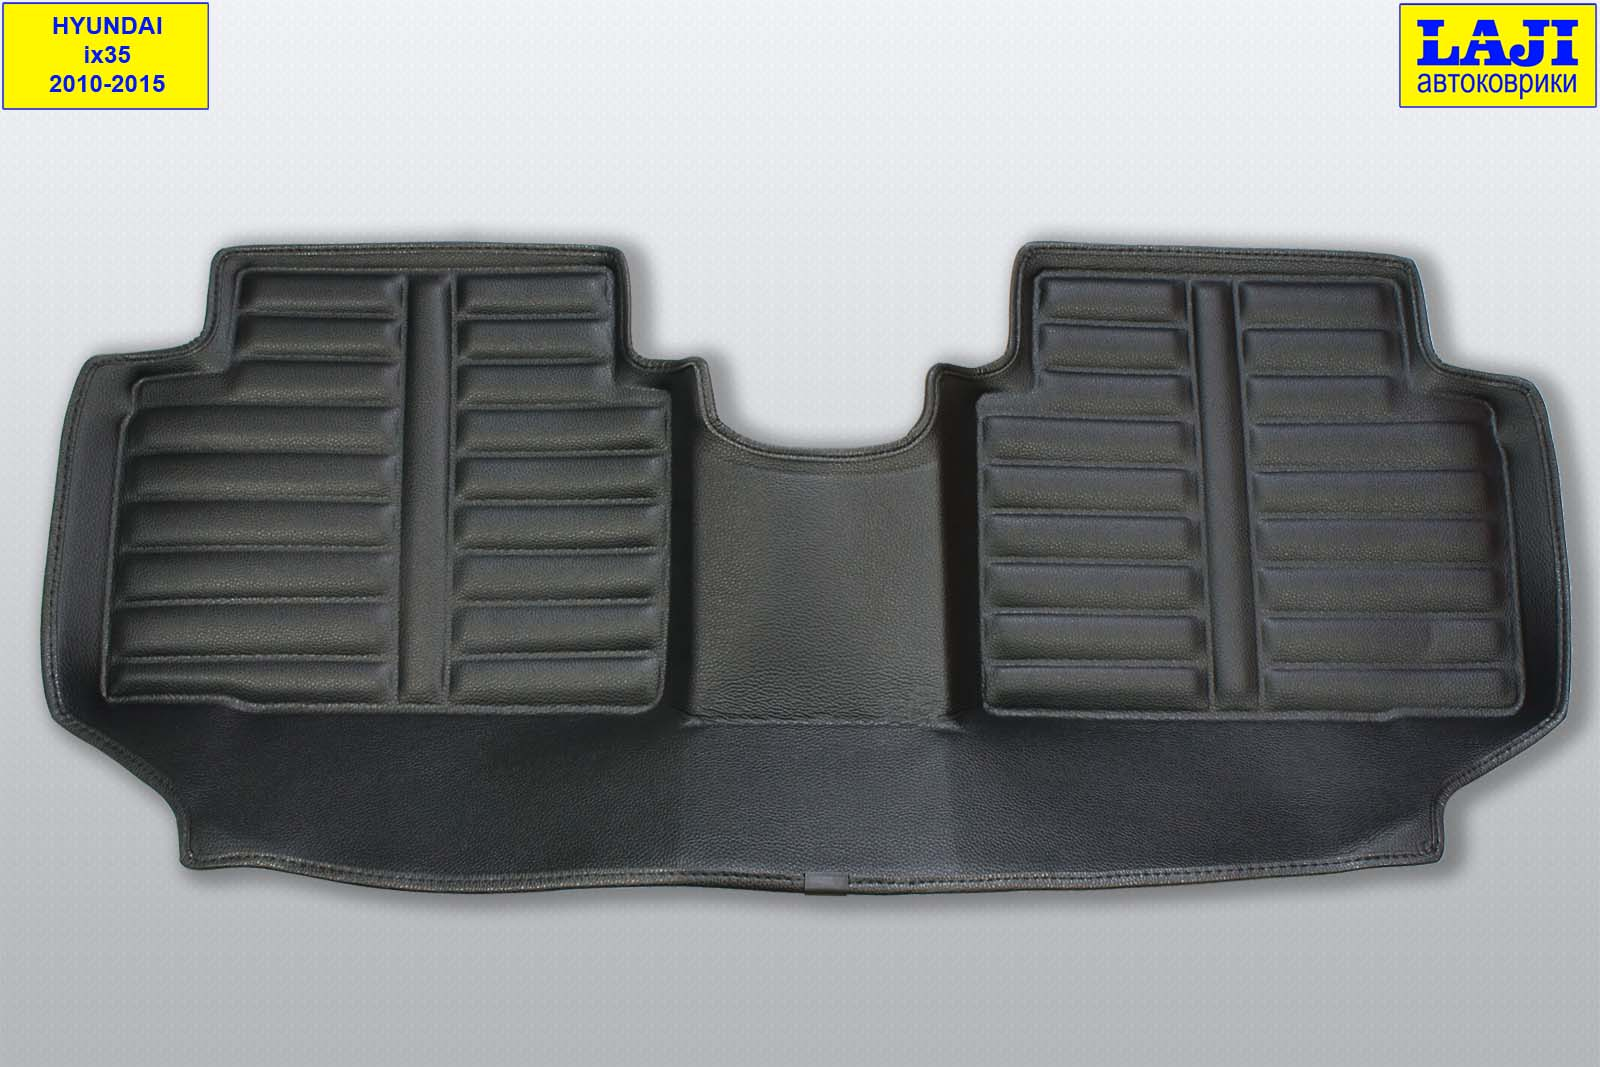 5D коврики в салон Hyundai ix35 2010-2015 10